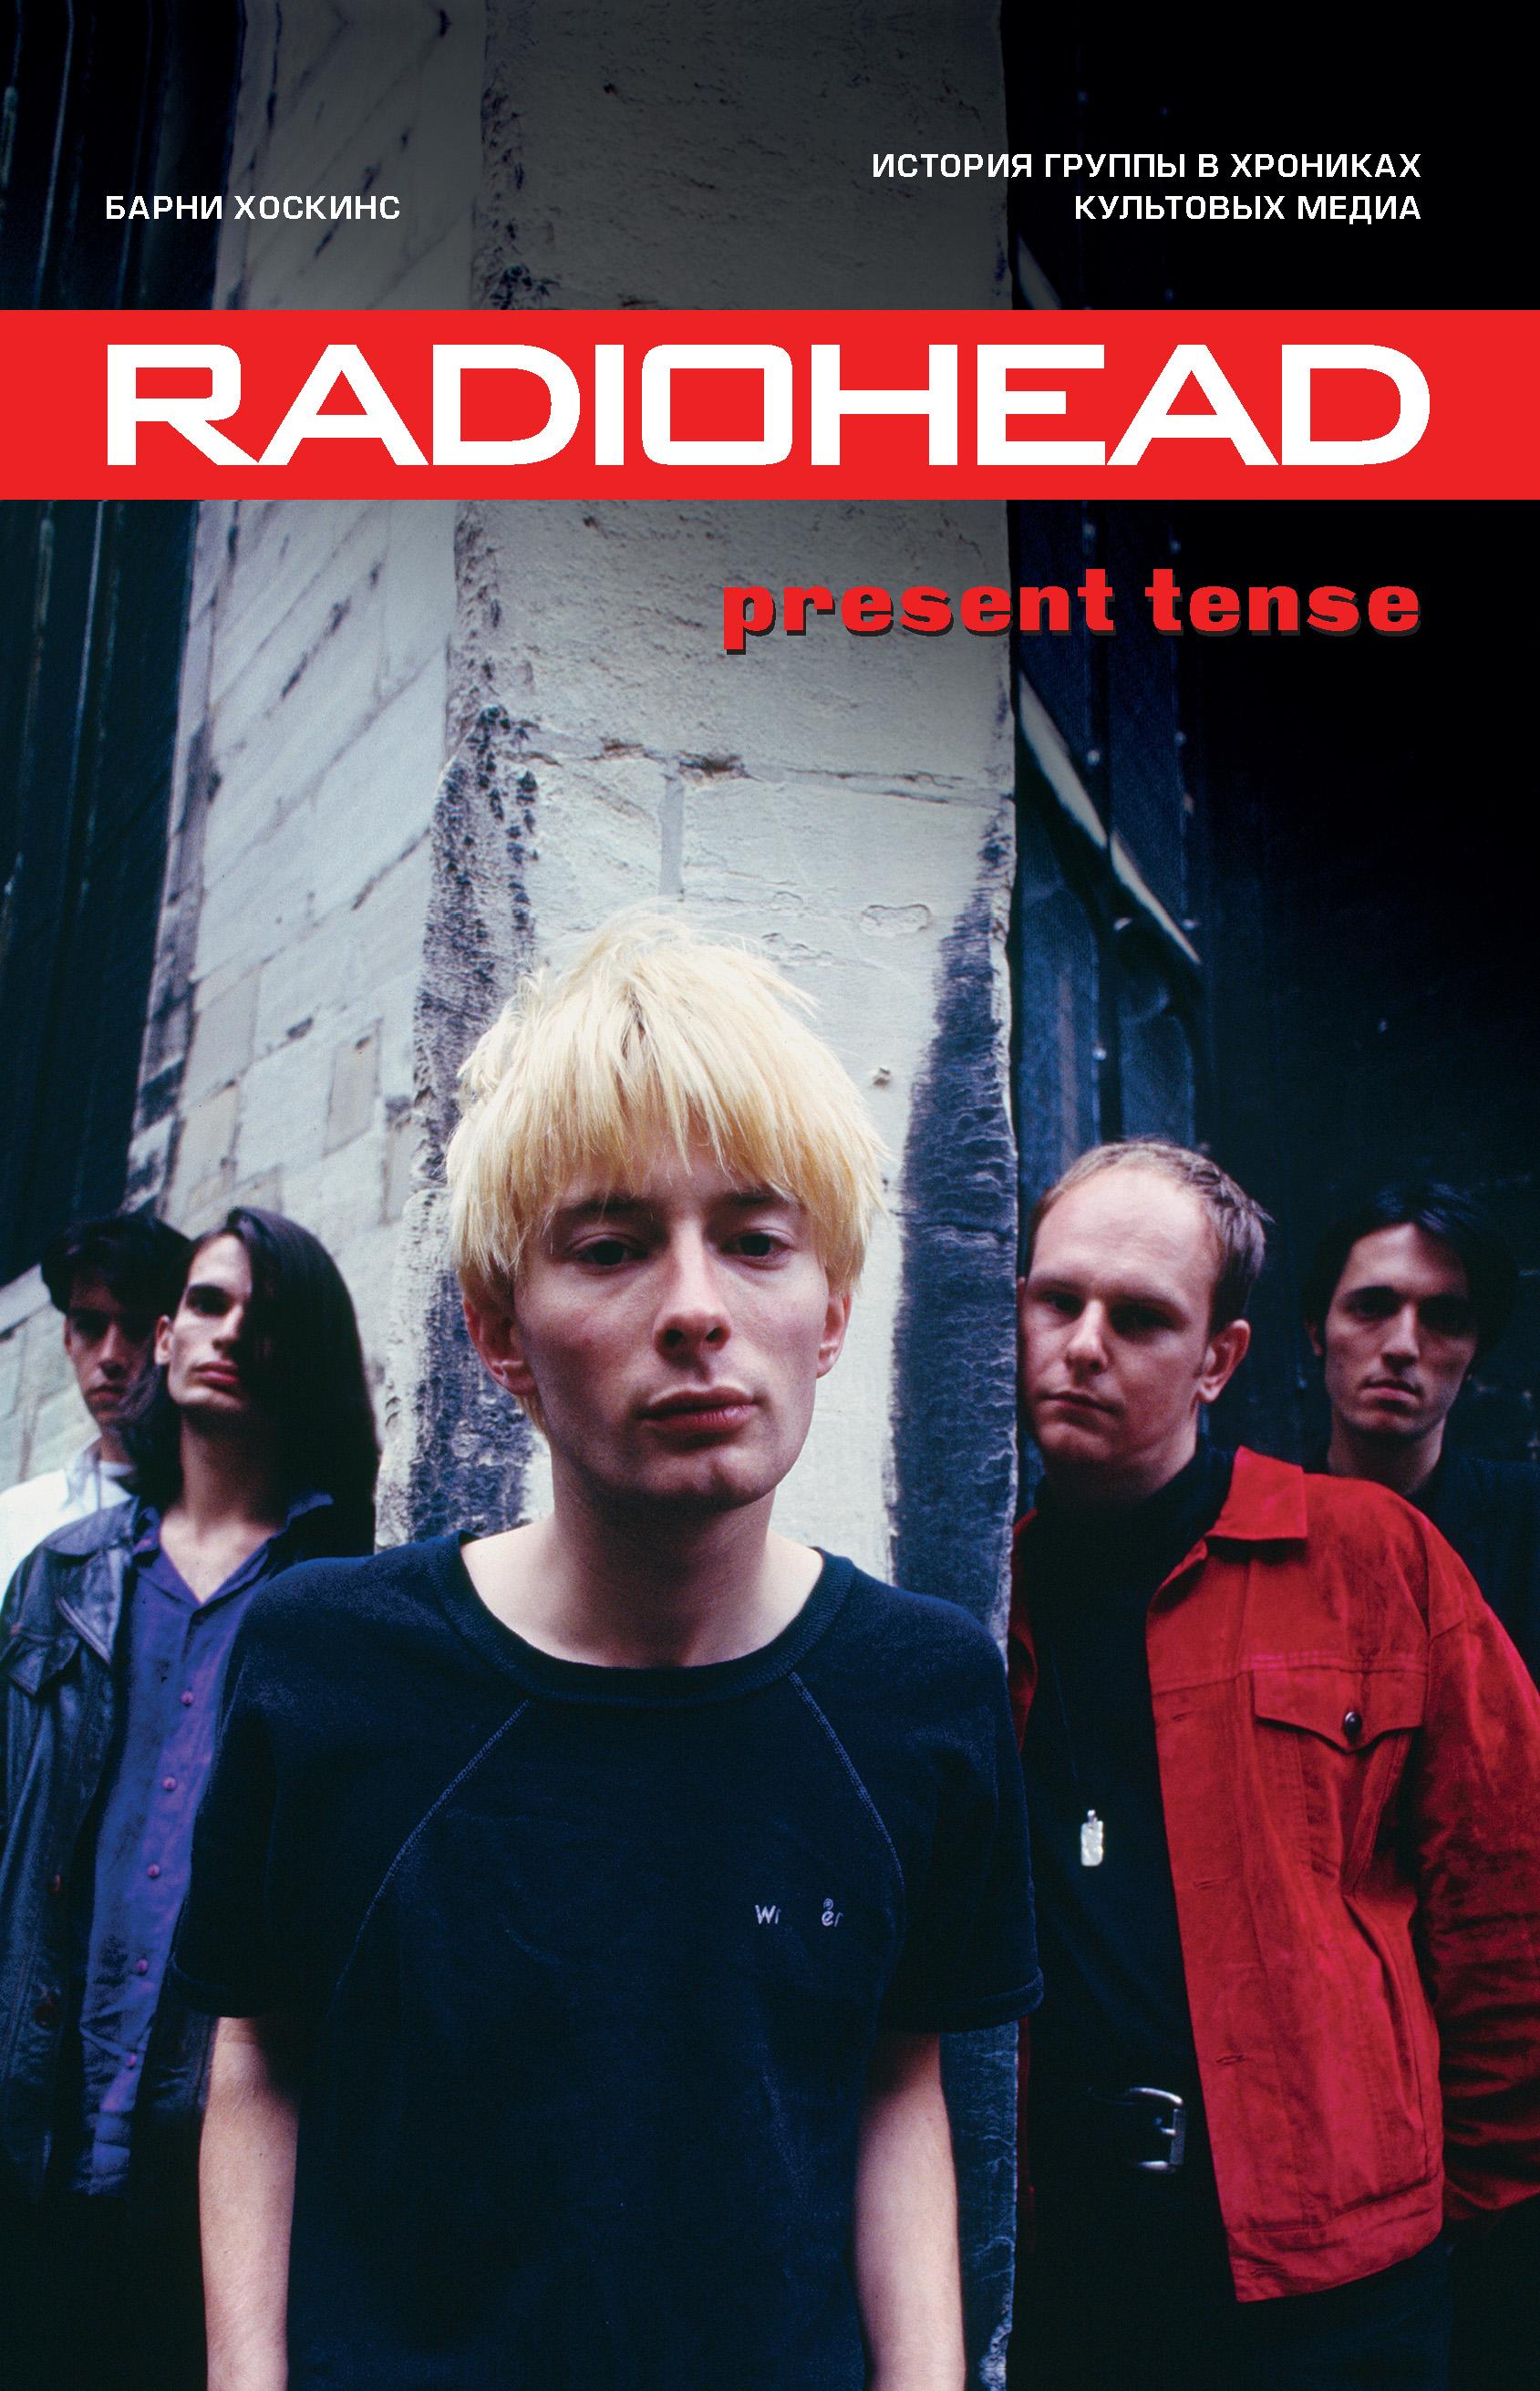 Барни Хоскинс Radiohead. Present Tense. История группы в хрониках культовых медиа printio radiohead album cover